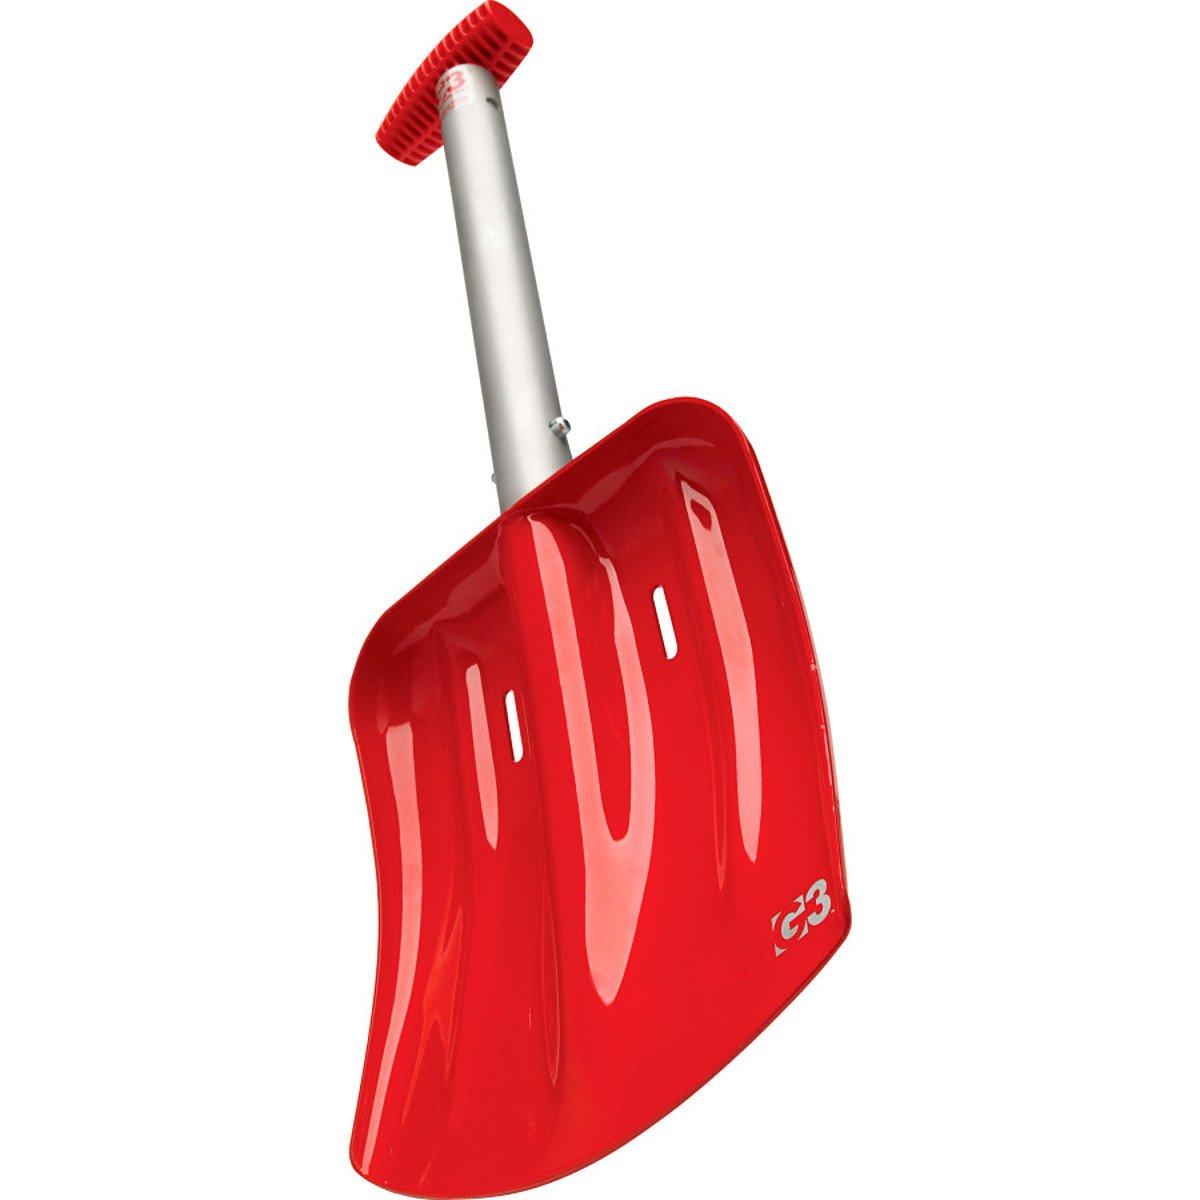 G3 - Genuine Guide Gear SpadeTECH Shovel - T grip by G3 - Genuine Guide Gear